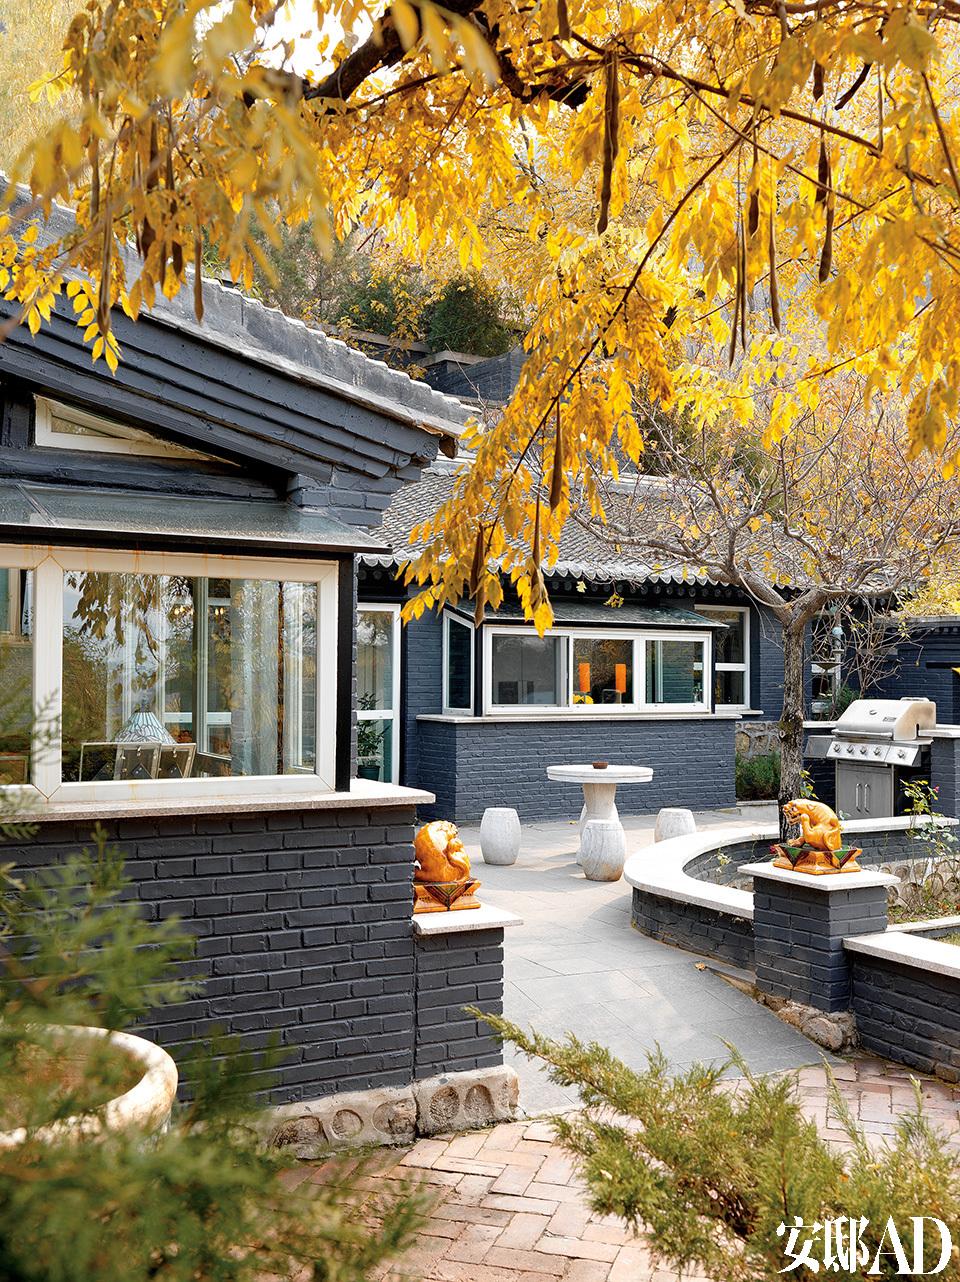 初冬时节,前院里植物的叶子都变黄了,老槐树结了长长的豆荚,很有老北京风情。